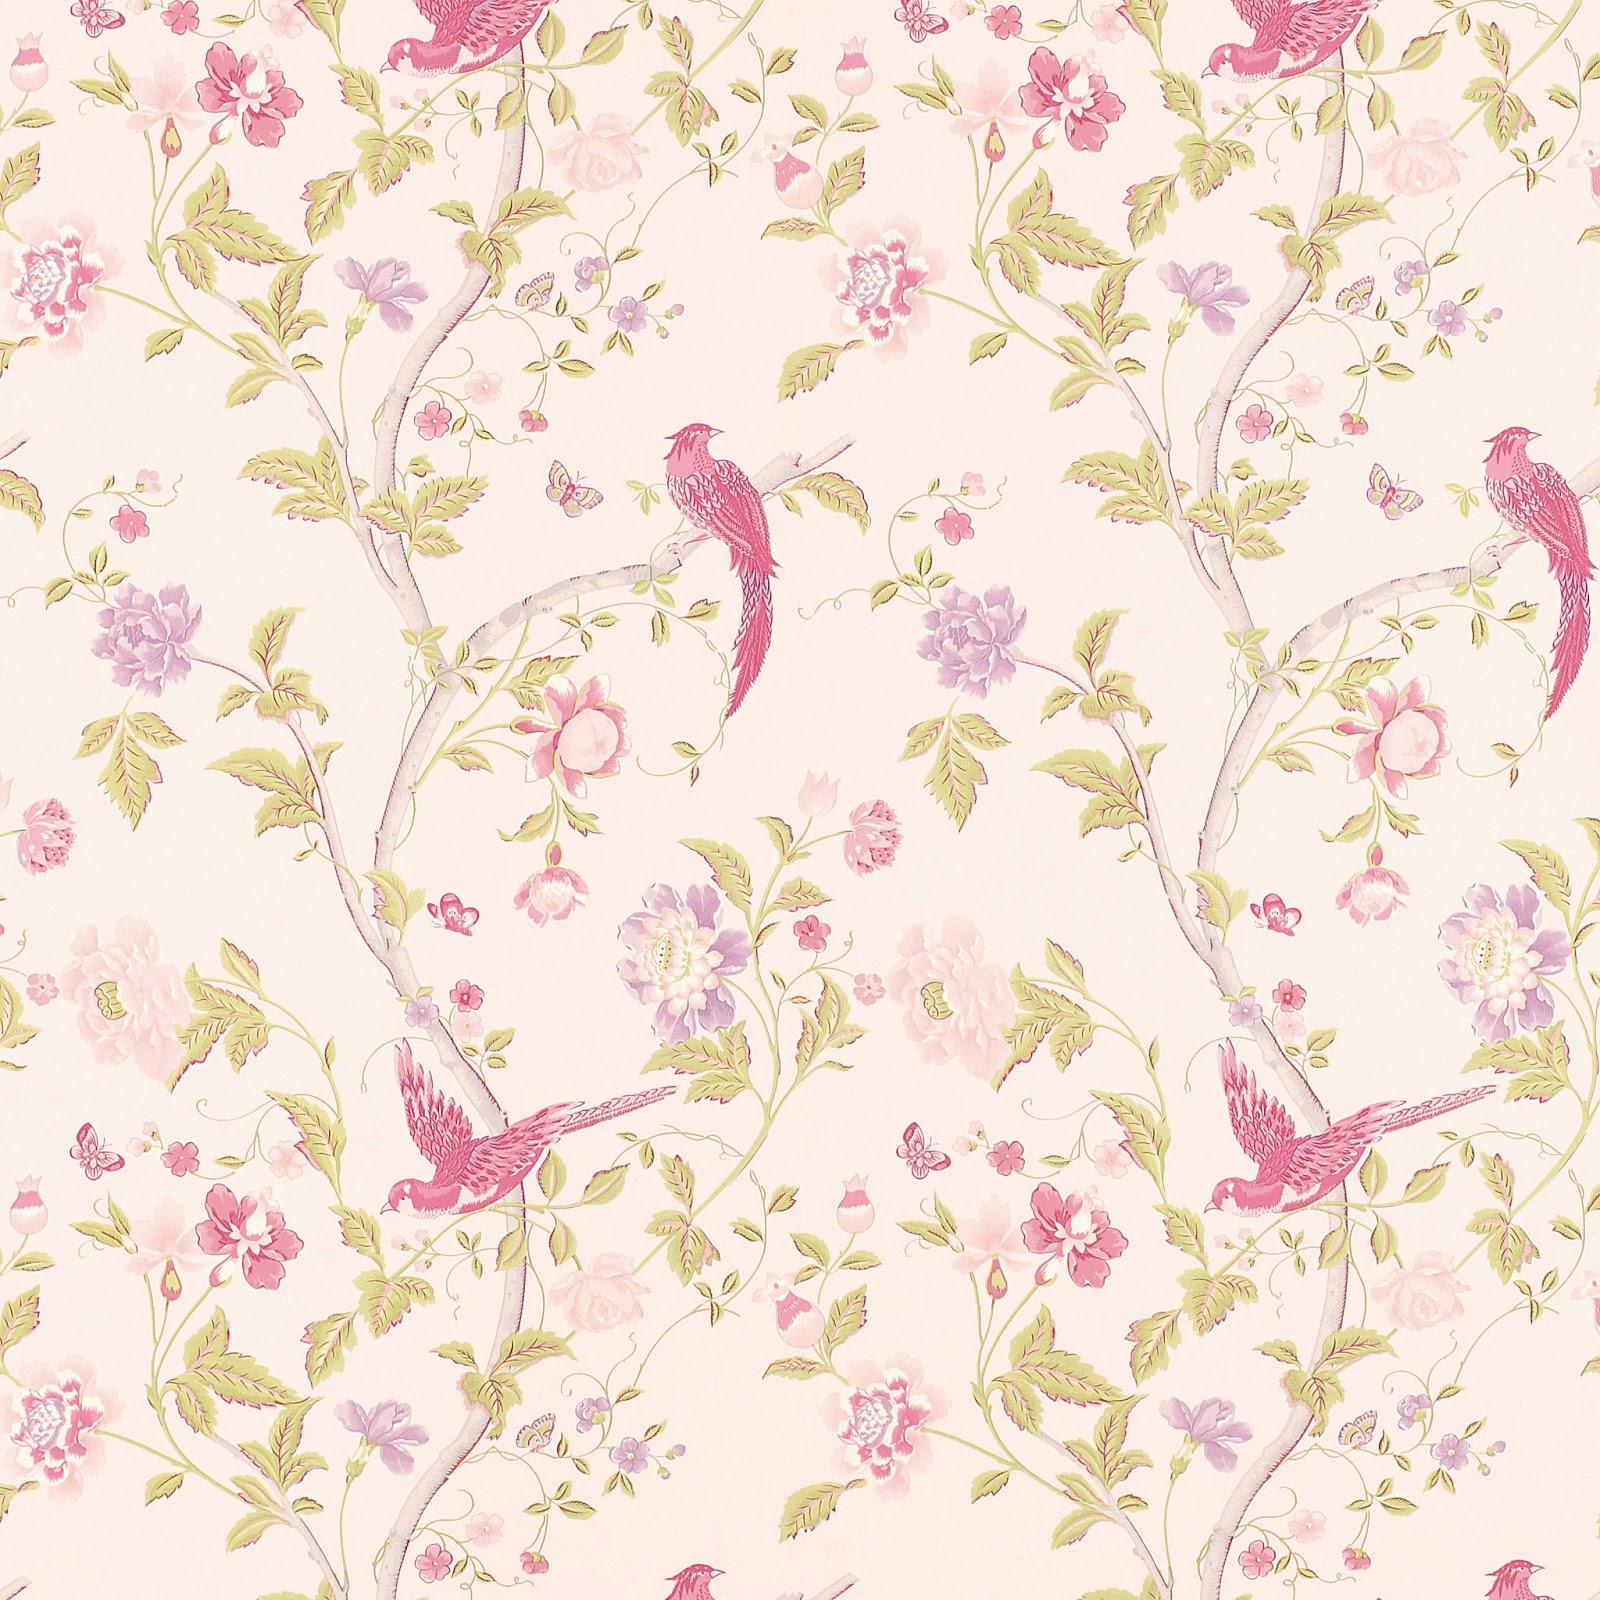 Free Download Floral Wallpaper Vintage Floral Wallpaper Pink